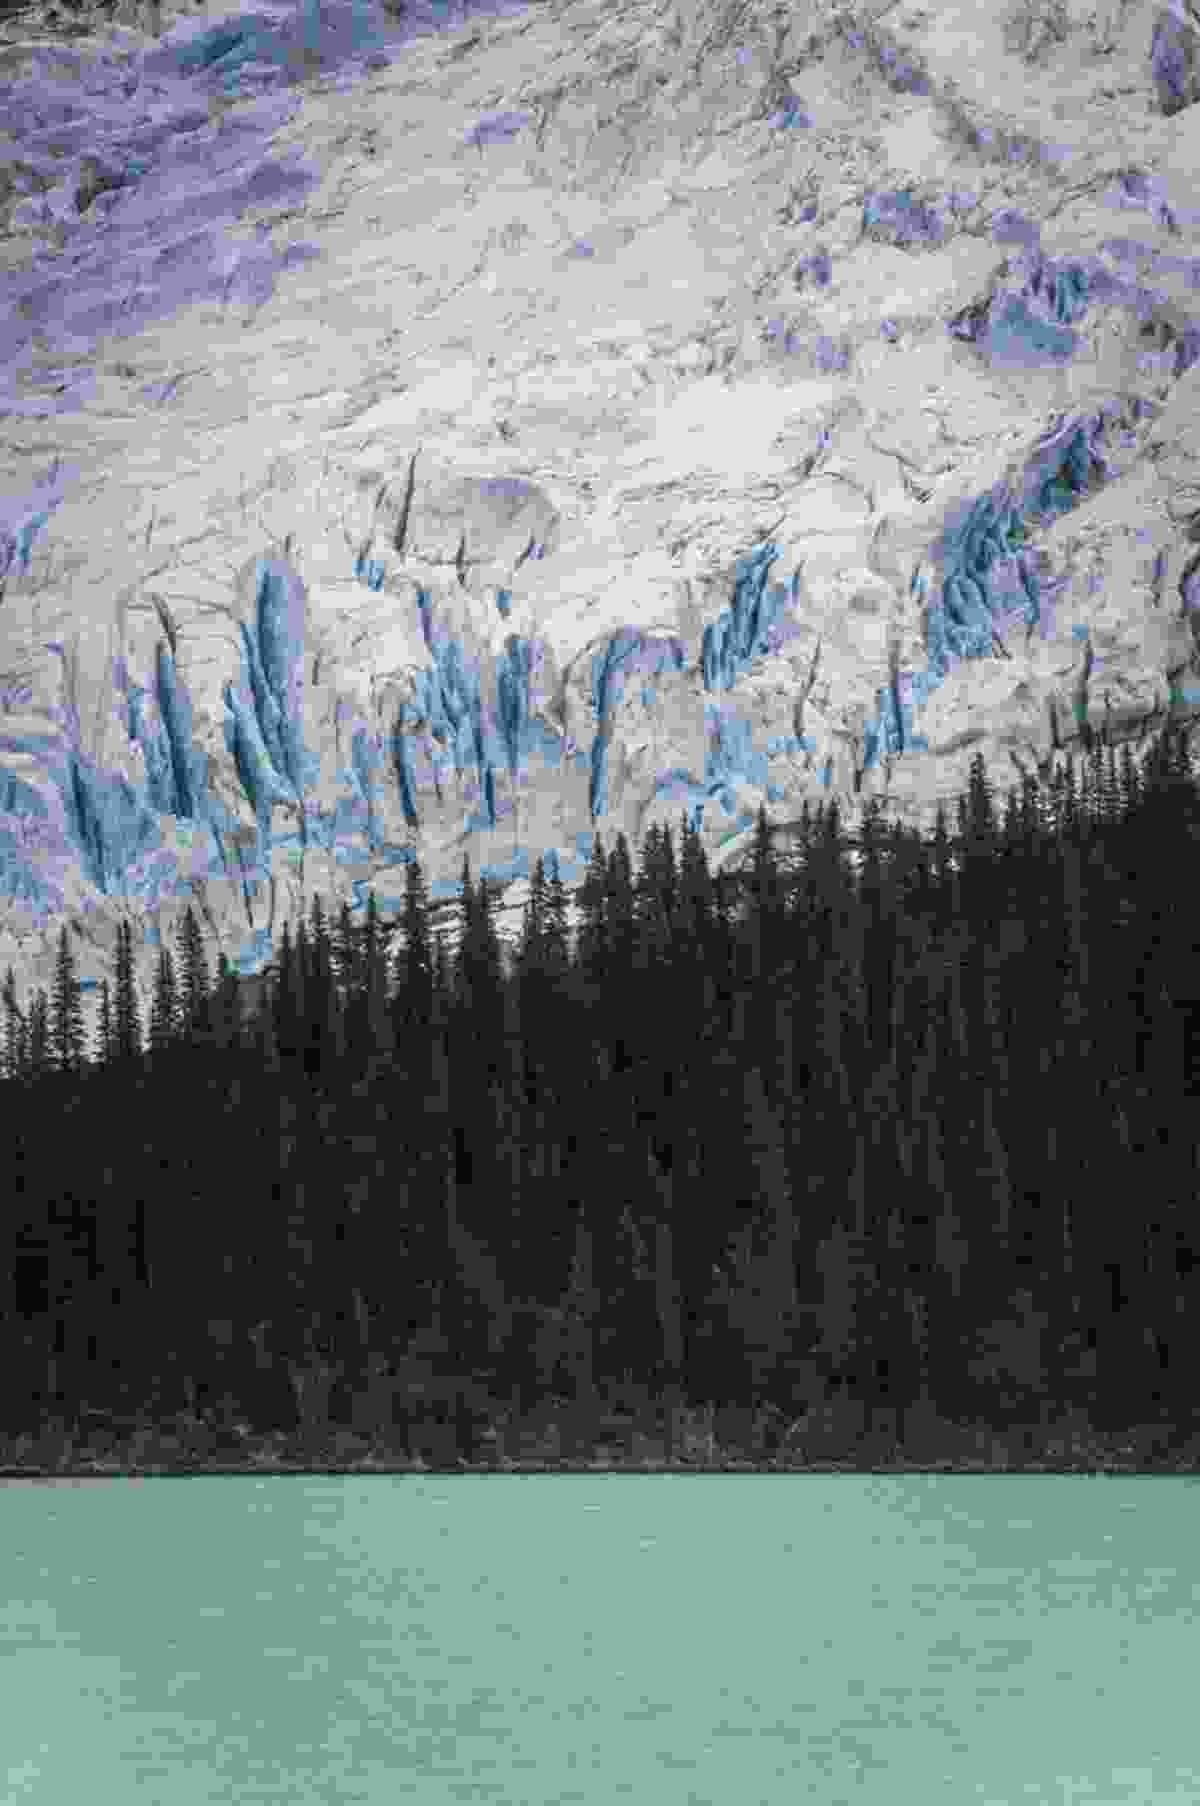 Layers of Robson, Berg Glacier (Paul Zizka)